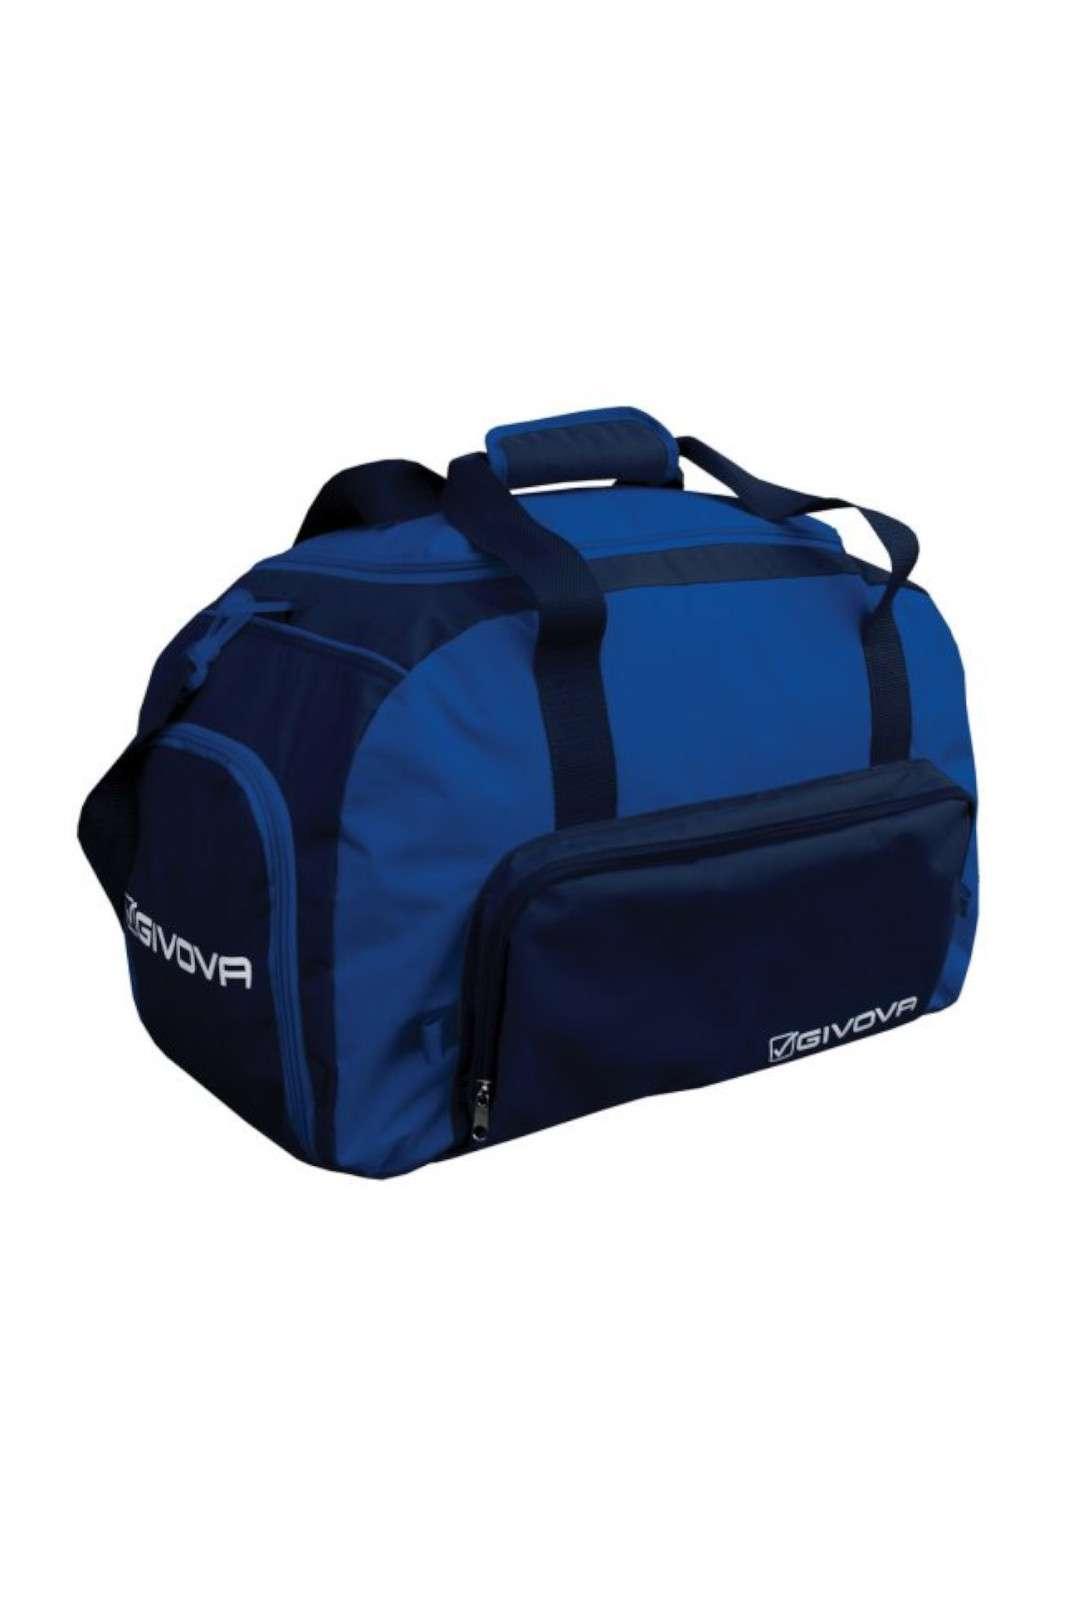 Perfetta da portare per le attività sportive la borsa firmata Givova. Le tasche permettono di riporre i propri oggetti divisi per genere, mentre la tracolla regolabile risulta comoda ed essenziale. Un must have.